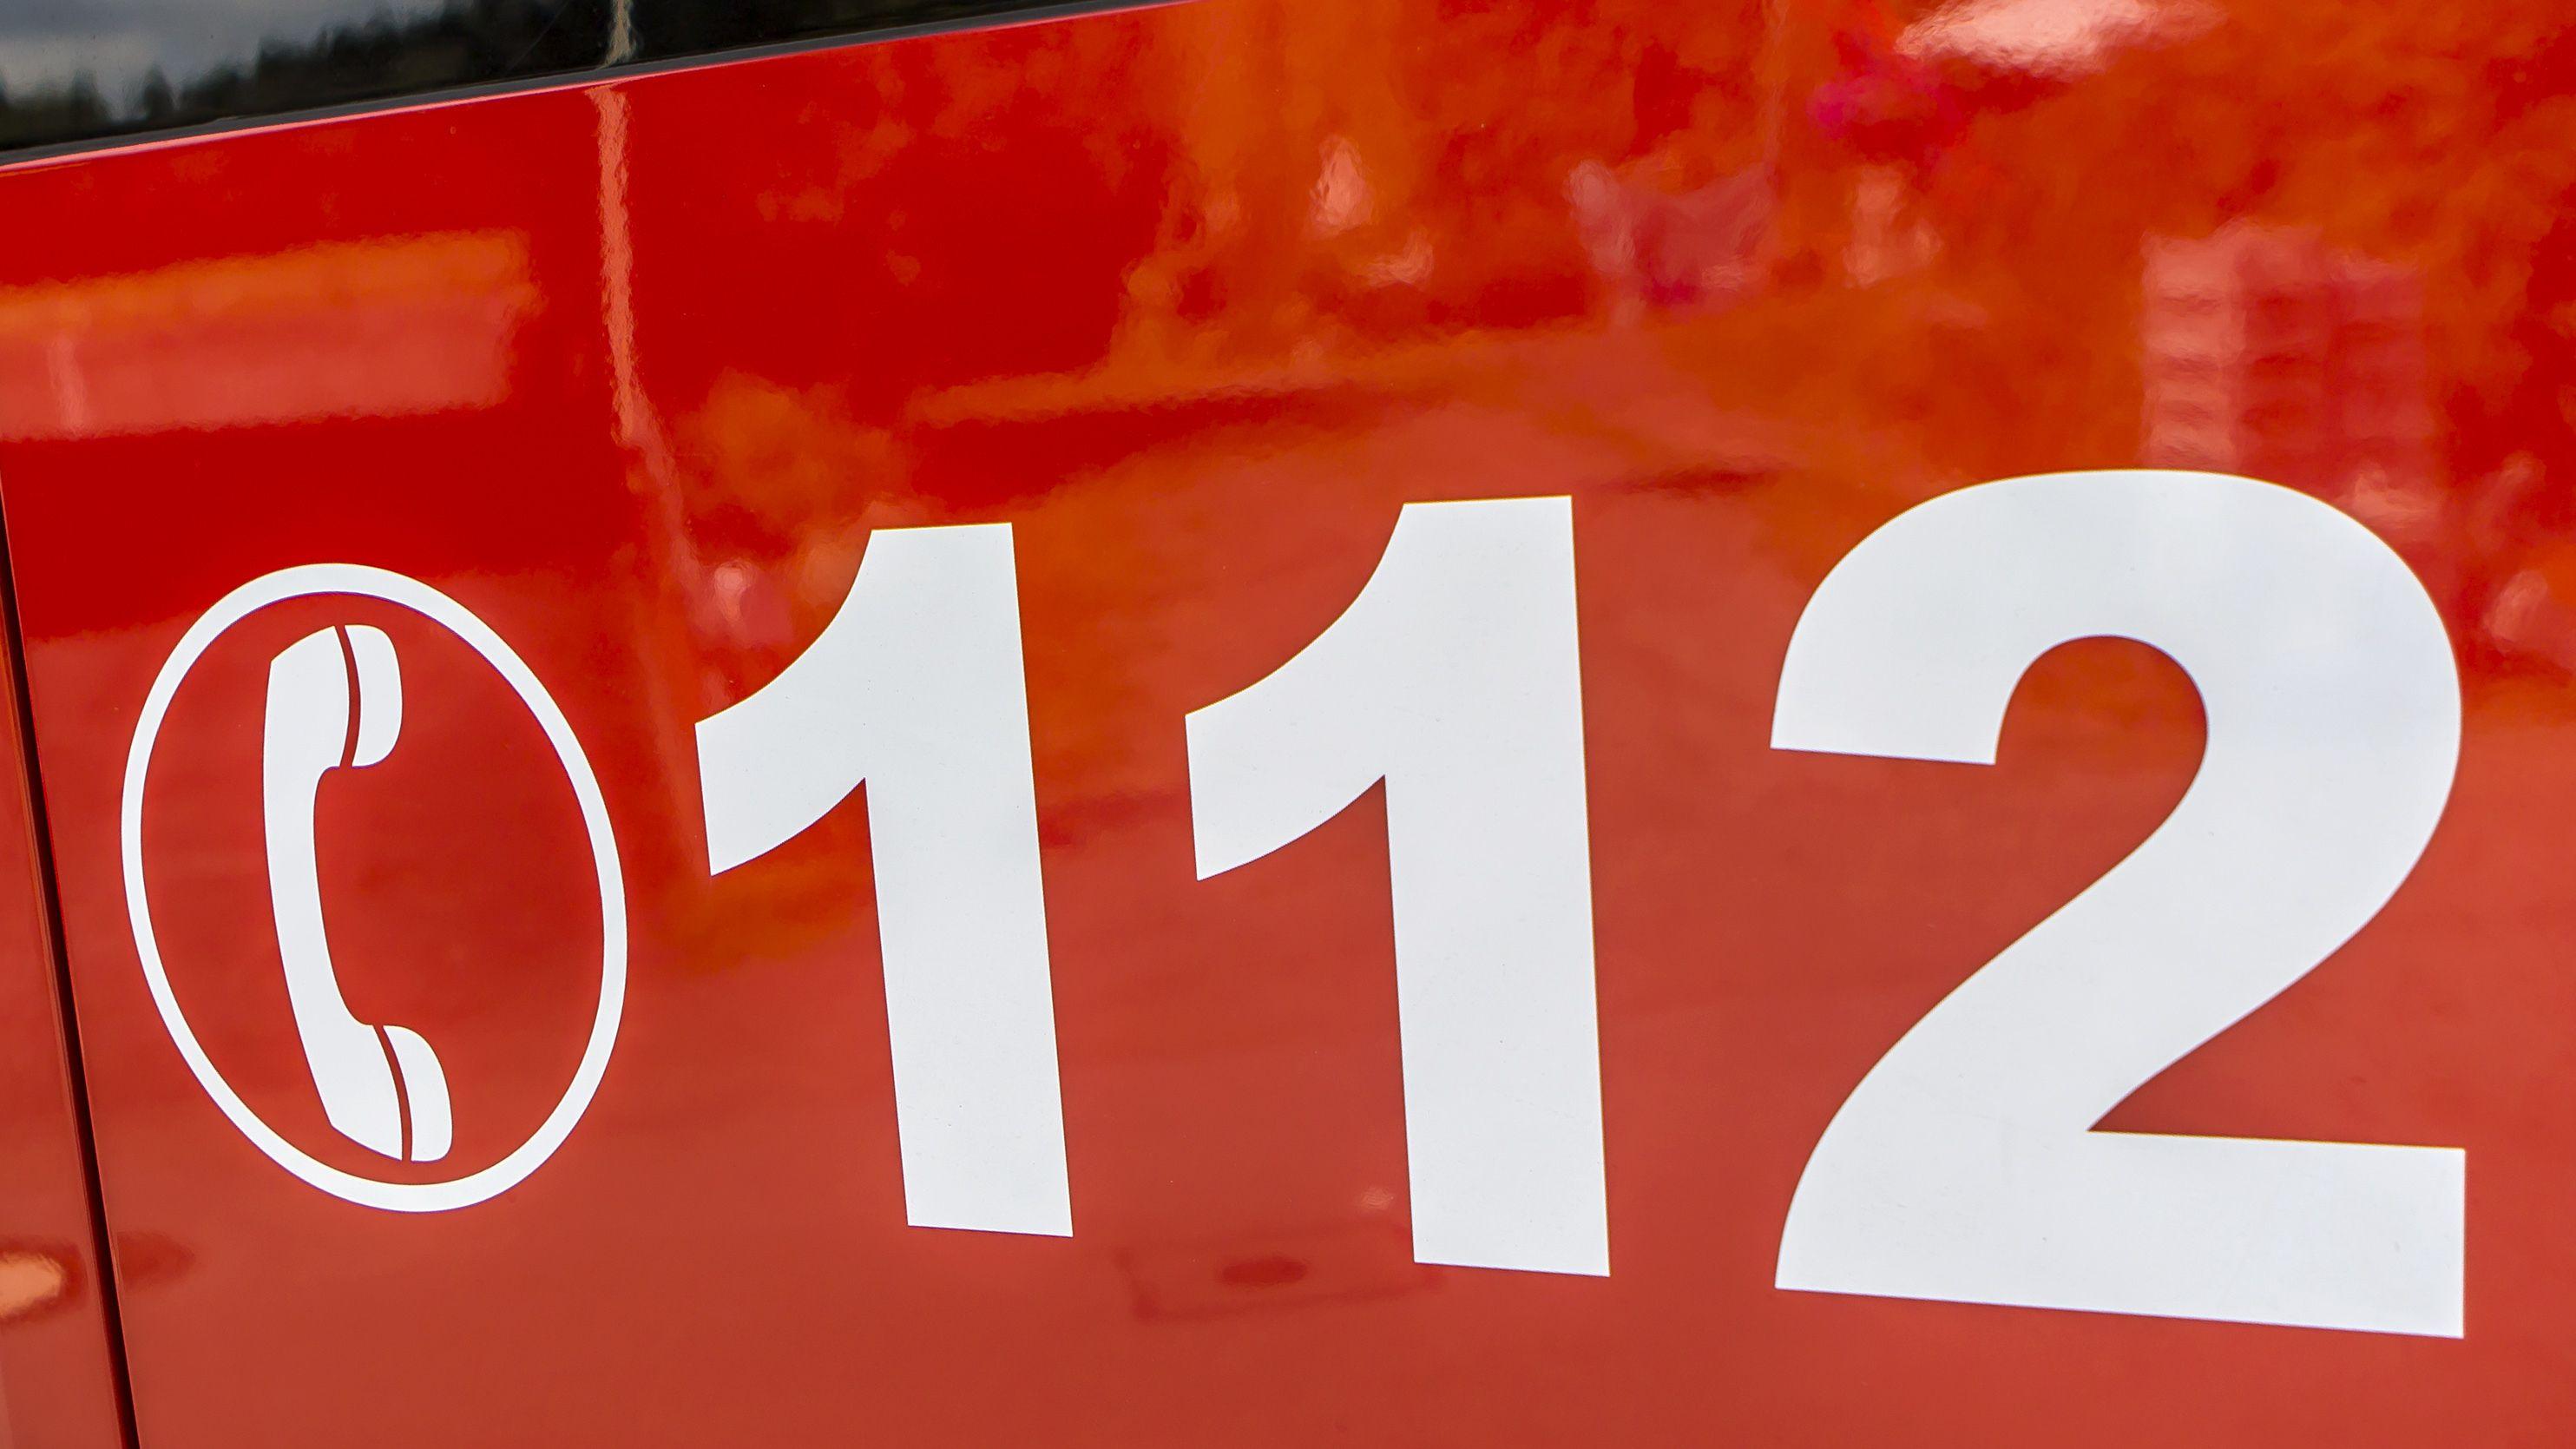 Die Notrufnummer 112 auf einem Feuerwehrfarzeug (Archivbild)